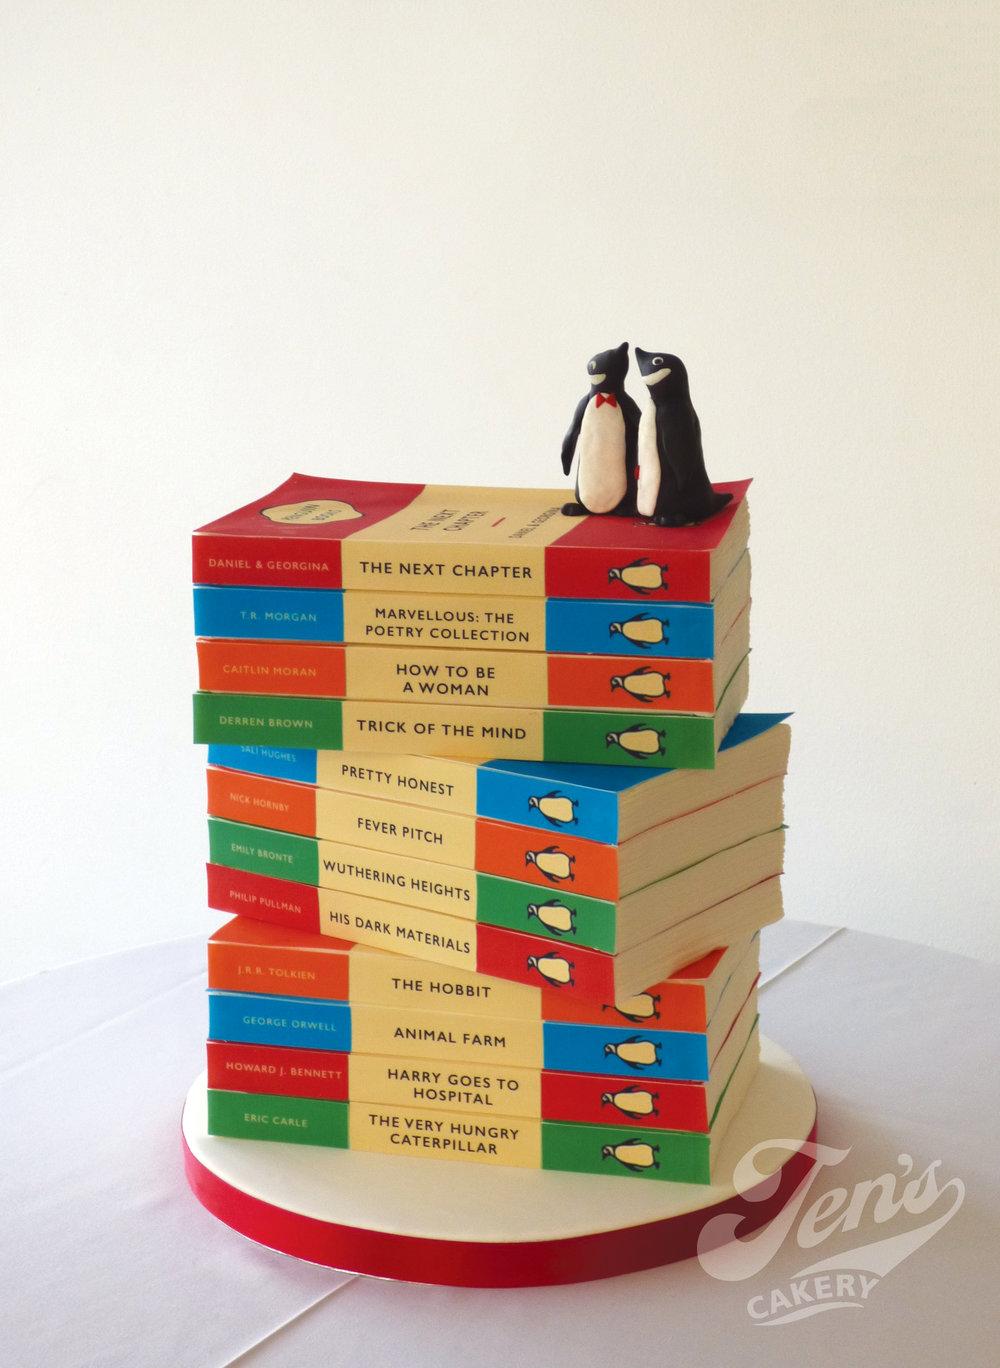 penguinclassics_georgina1.jpg